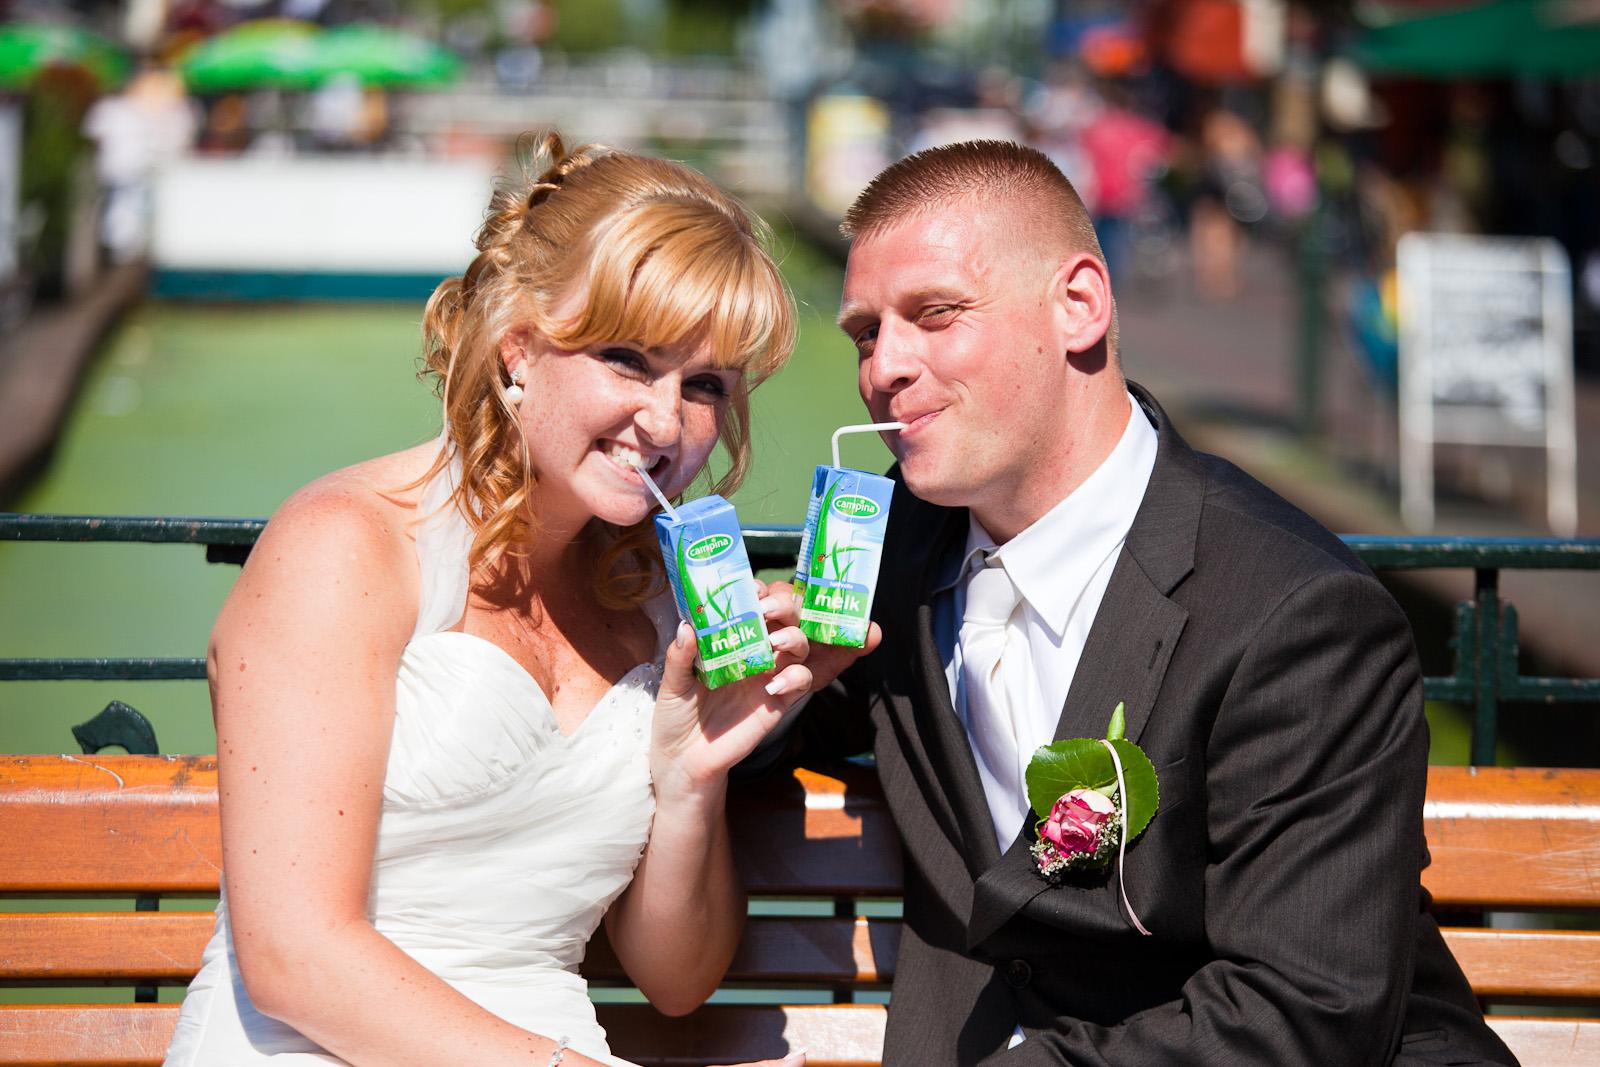 trouwshoot-bruidsfotografie-trouwfoto-feestfotografie-trouwreportage-Alex en Evelyn529.jpg